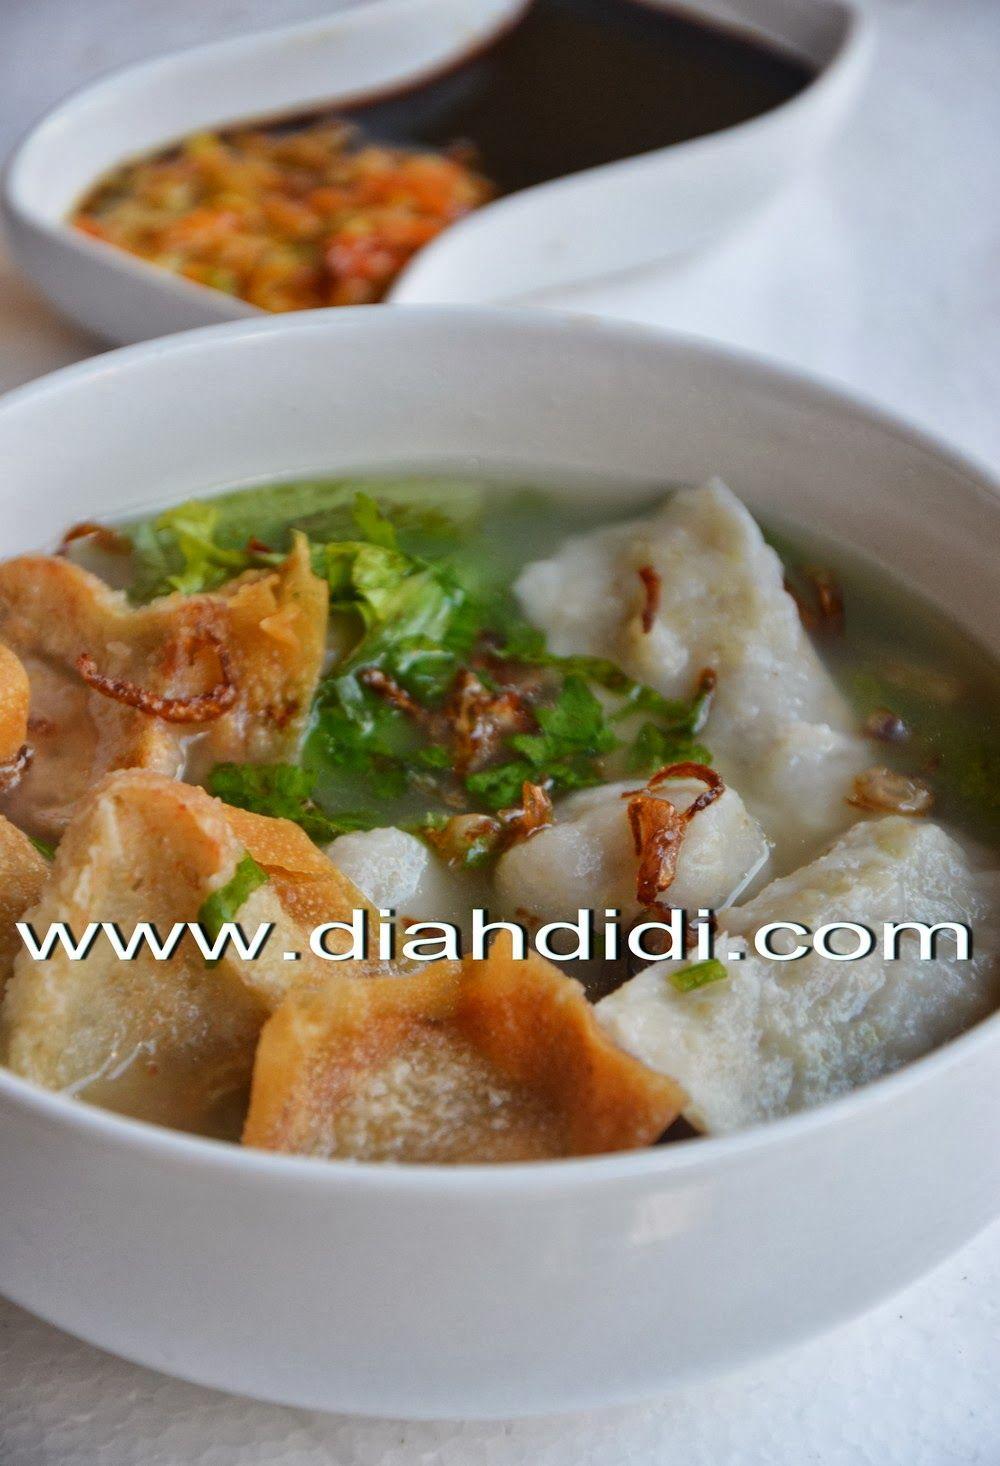 Diah Didi S Kitchen Resep Cuanki Siomay Kuah Khas Bandung Resep Masakan Makan Malam Makanan Ringan Pedas